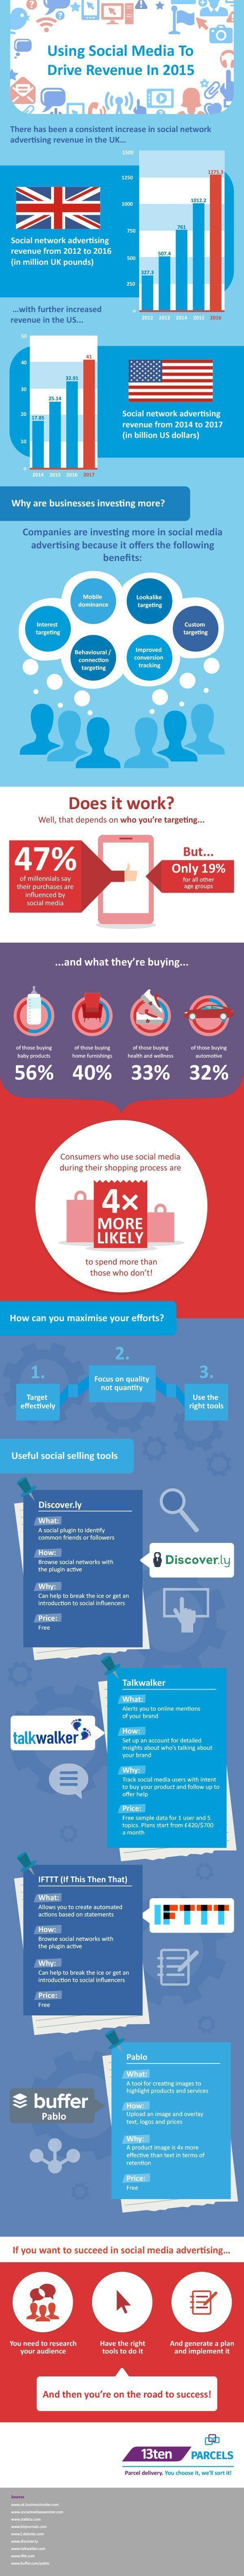 Best Social Media Measurement Images On   Snood